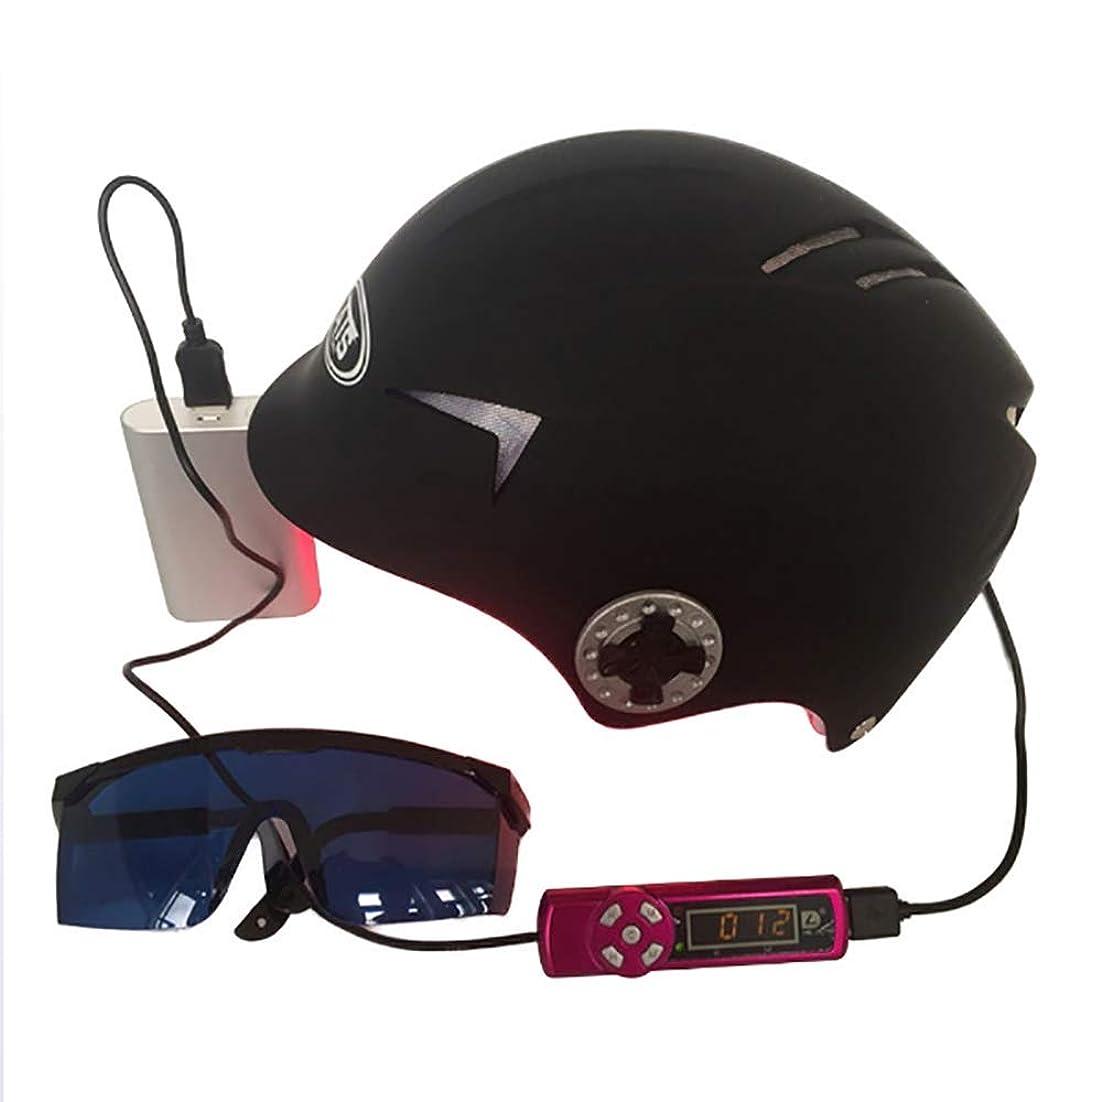 冒険者オートマトン姿勢育毛ヘルメット急成長脱毛ソリューション男性と女性のダイオード治療ヘア帽子,64